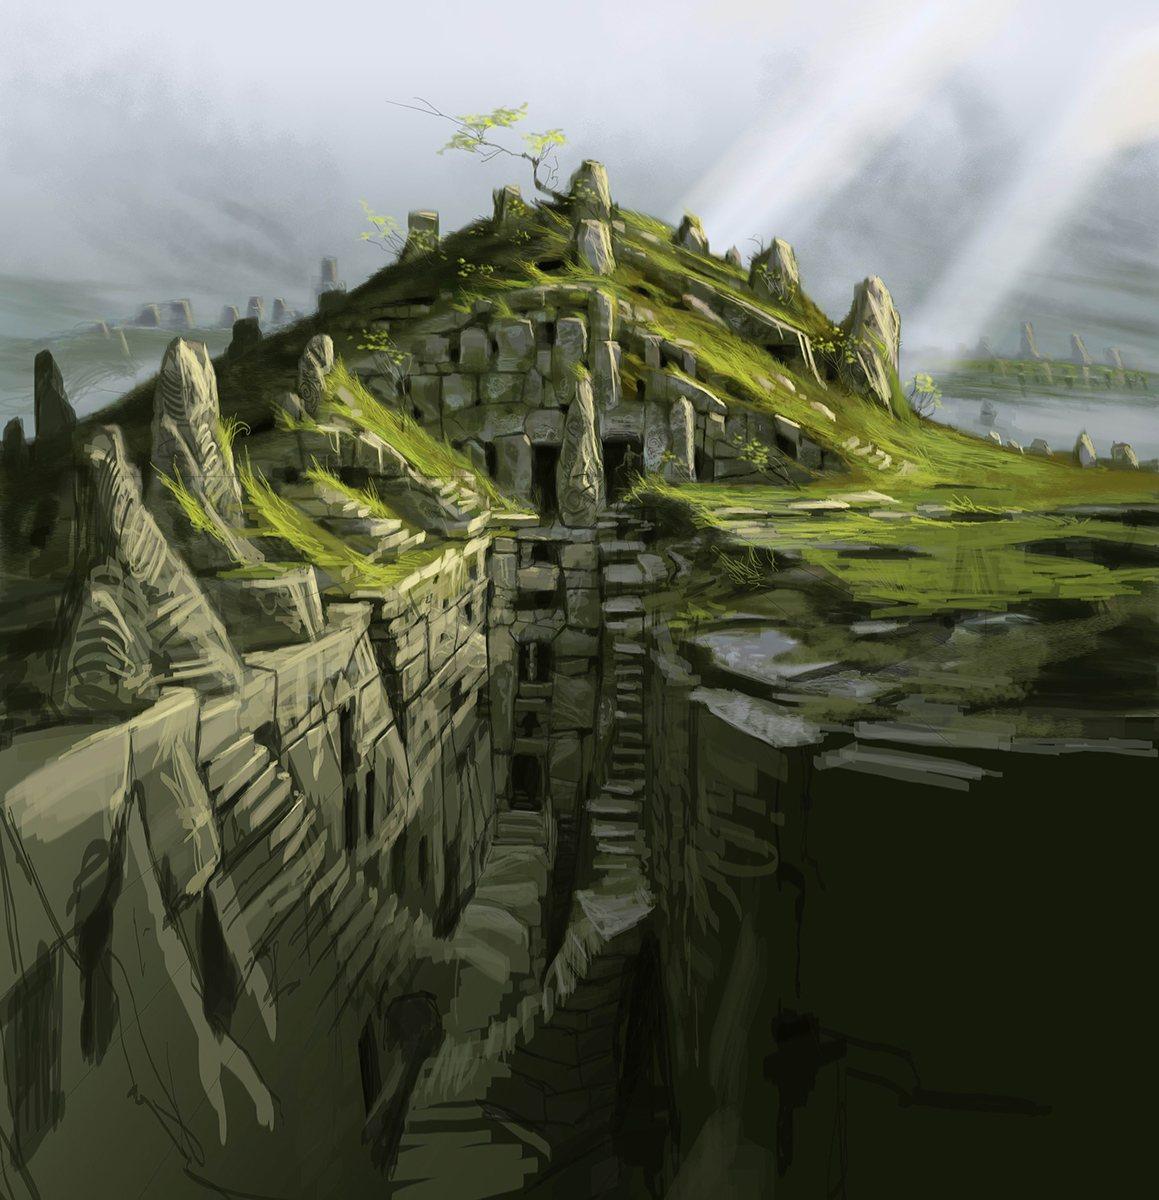 Nordic-Barrow-Ruin-Exterior-Concept-Art-elder-scrolls-v-skyrim-28215376-1159-1200.jpg